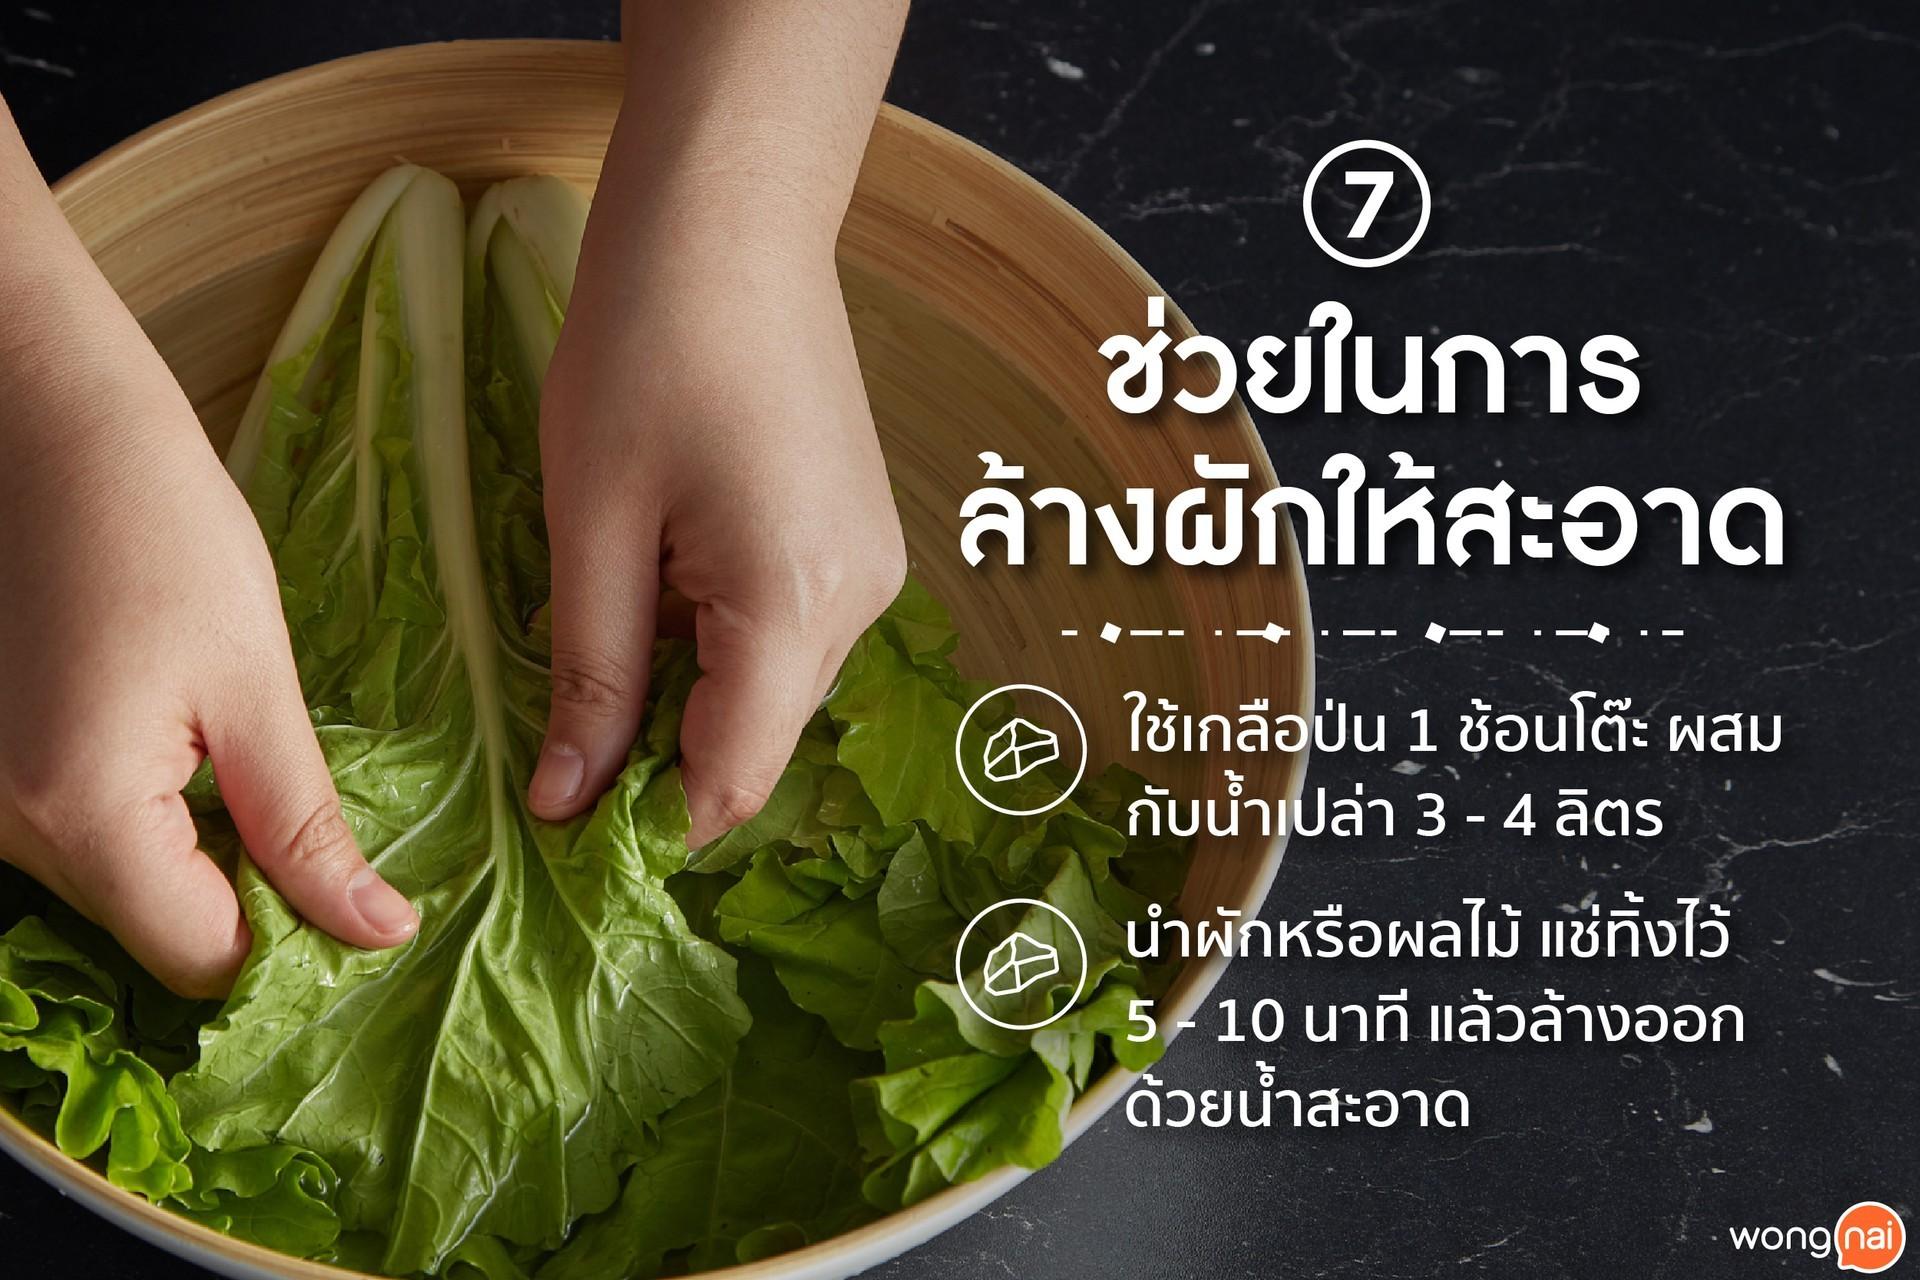 เกลือช่วยในการล้างผักให้สะอาด